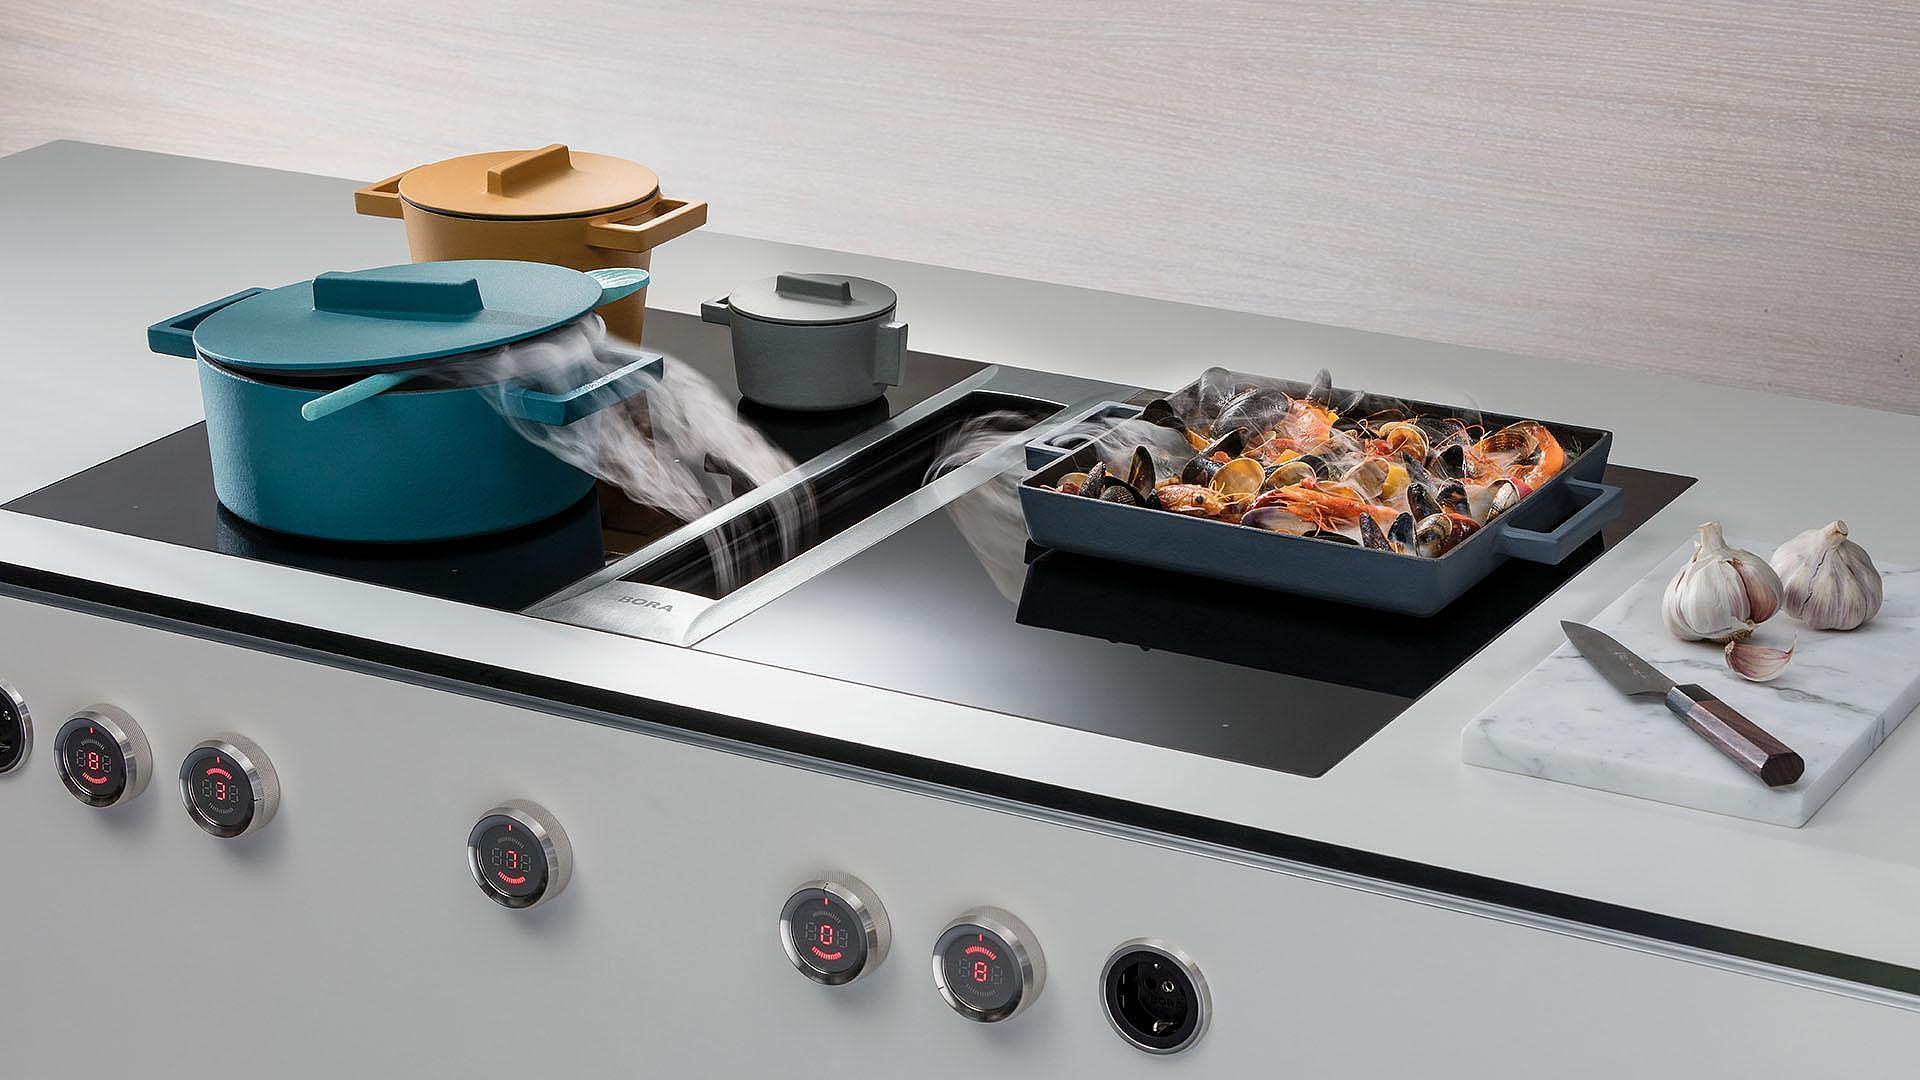 Küchengeräte | JILG Küchen & Wohnen